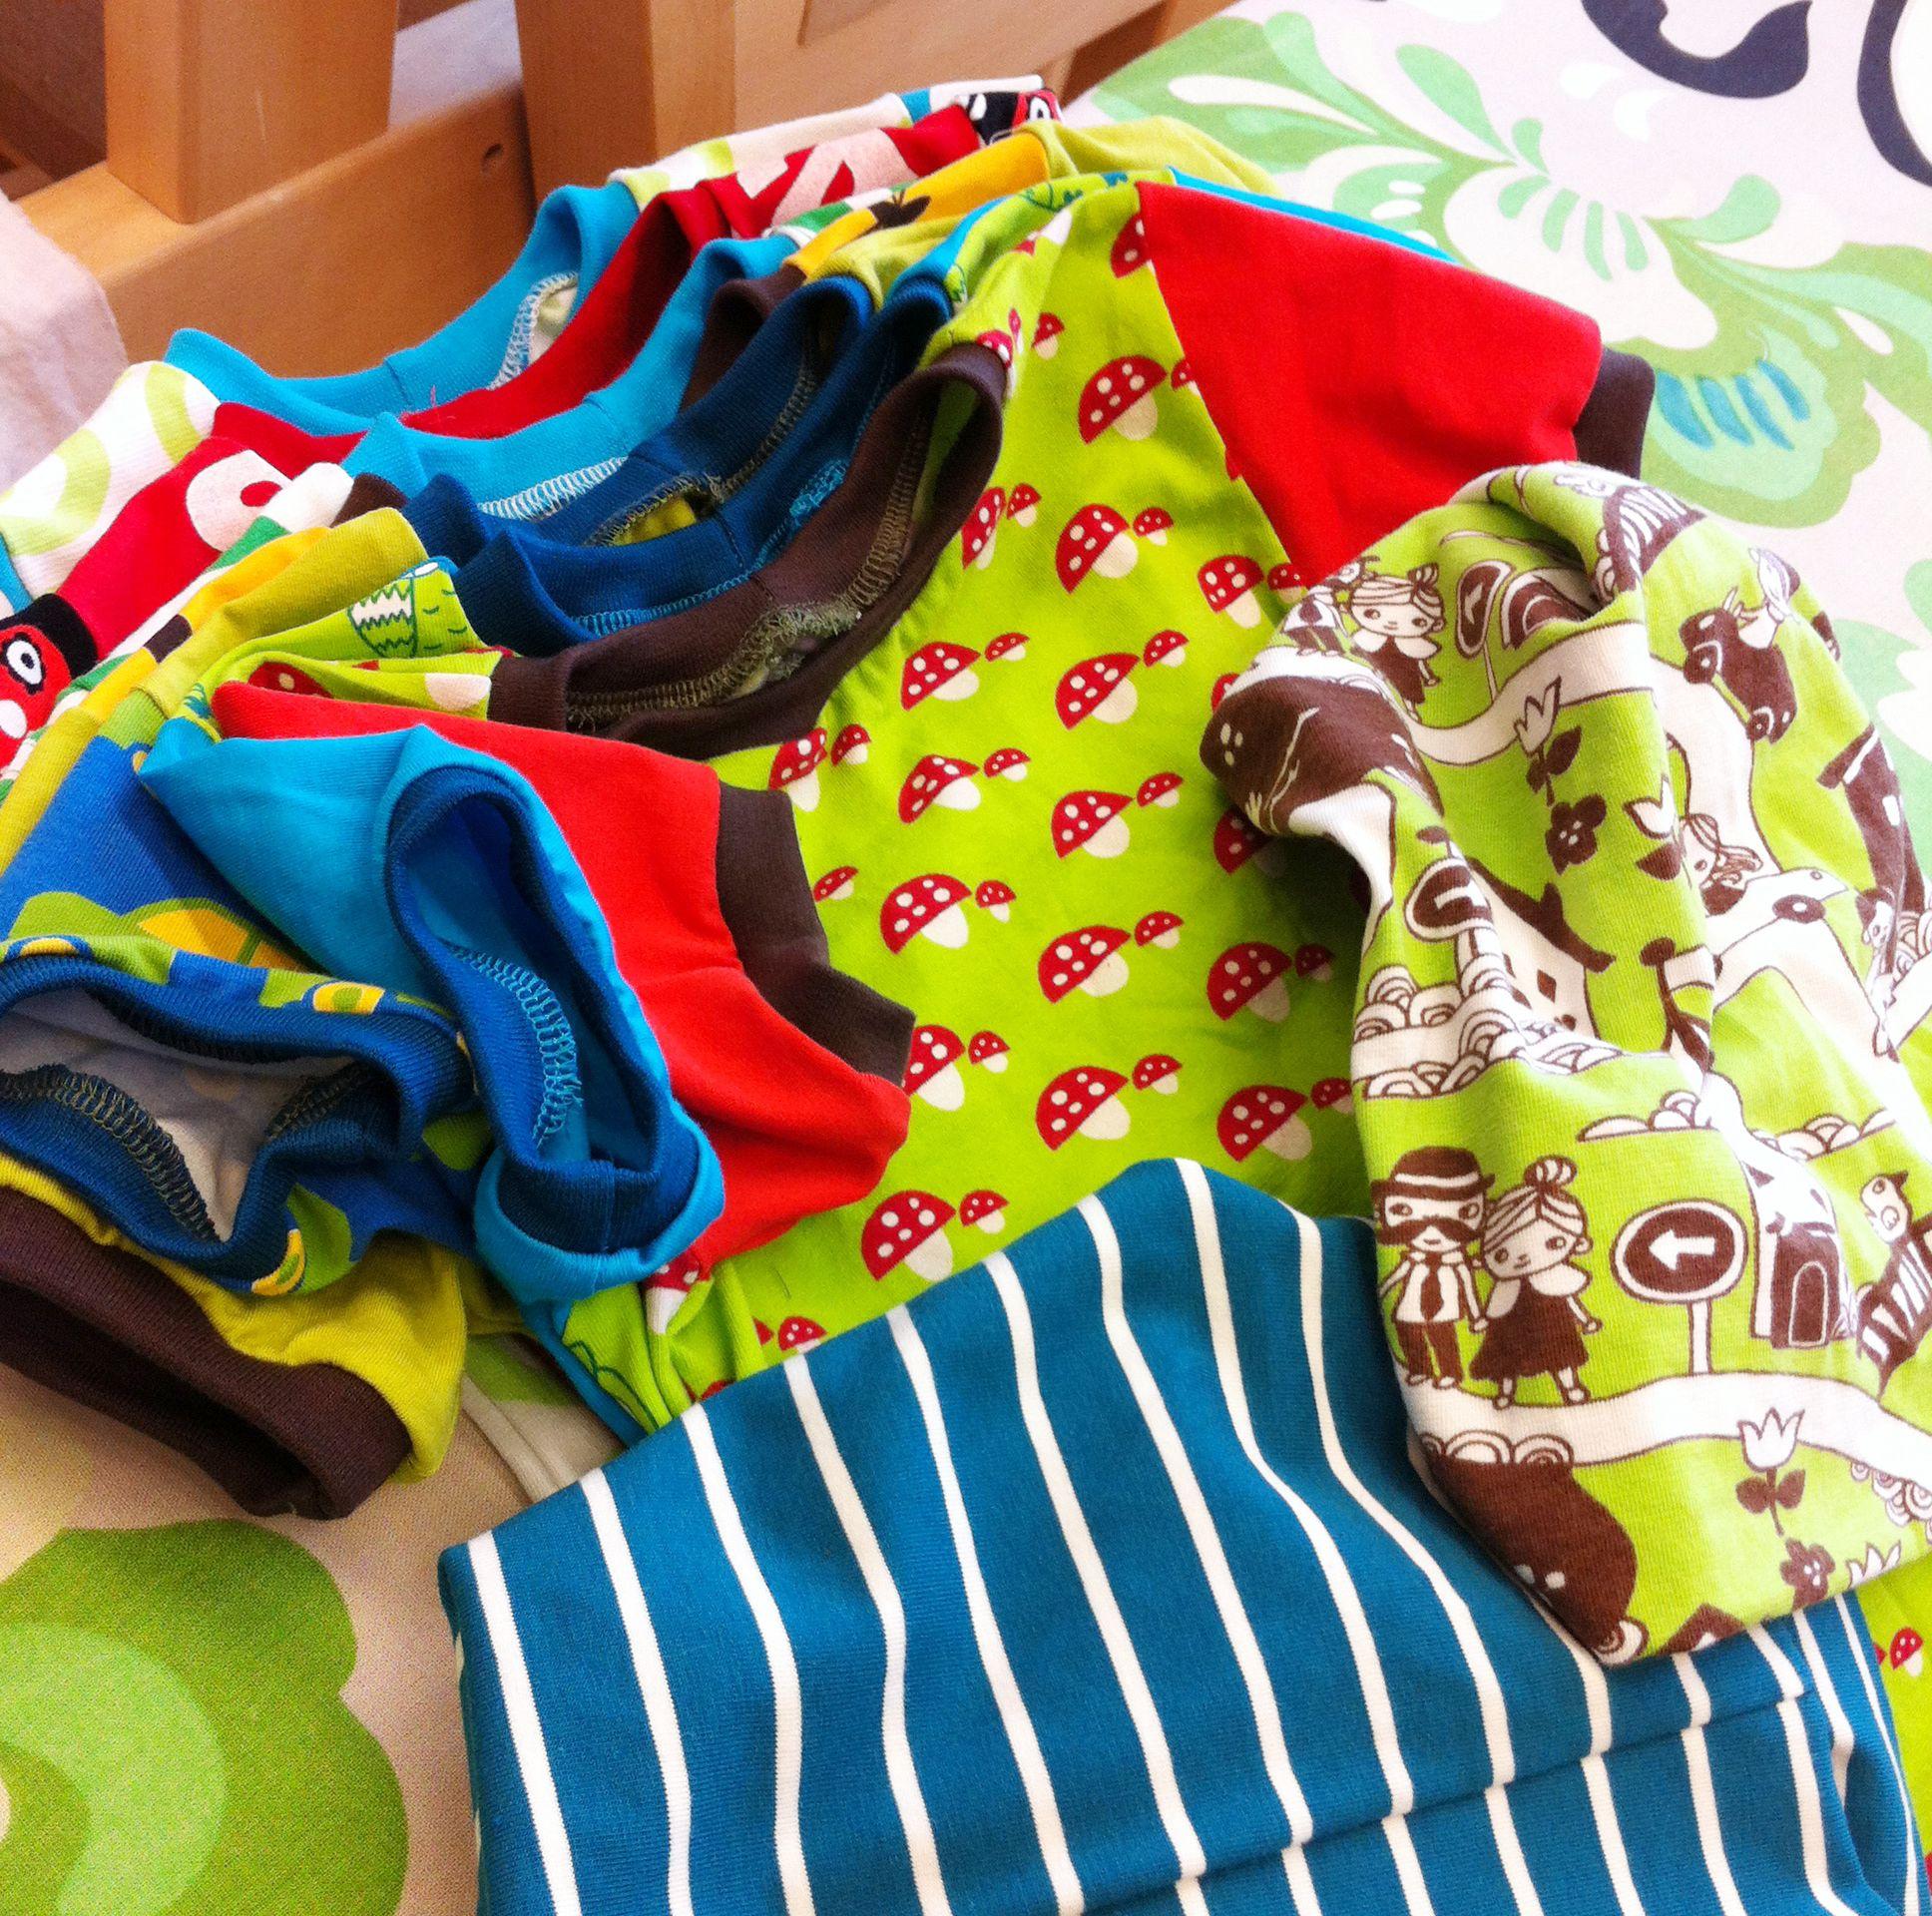 Iloinen T-paitarivistö koossa 104 ja pari pipoa. Kaavana Monster car (Ottobre 3/2011). Nämä syntyivät ompelulaneilla, joille oululainen fb-ryhmä ajoin kokoontuu. Ompelukoneet surisee ja suut käy :). Parhautta <3.